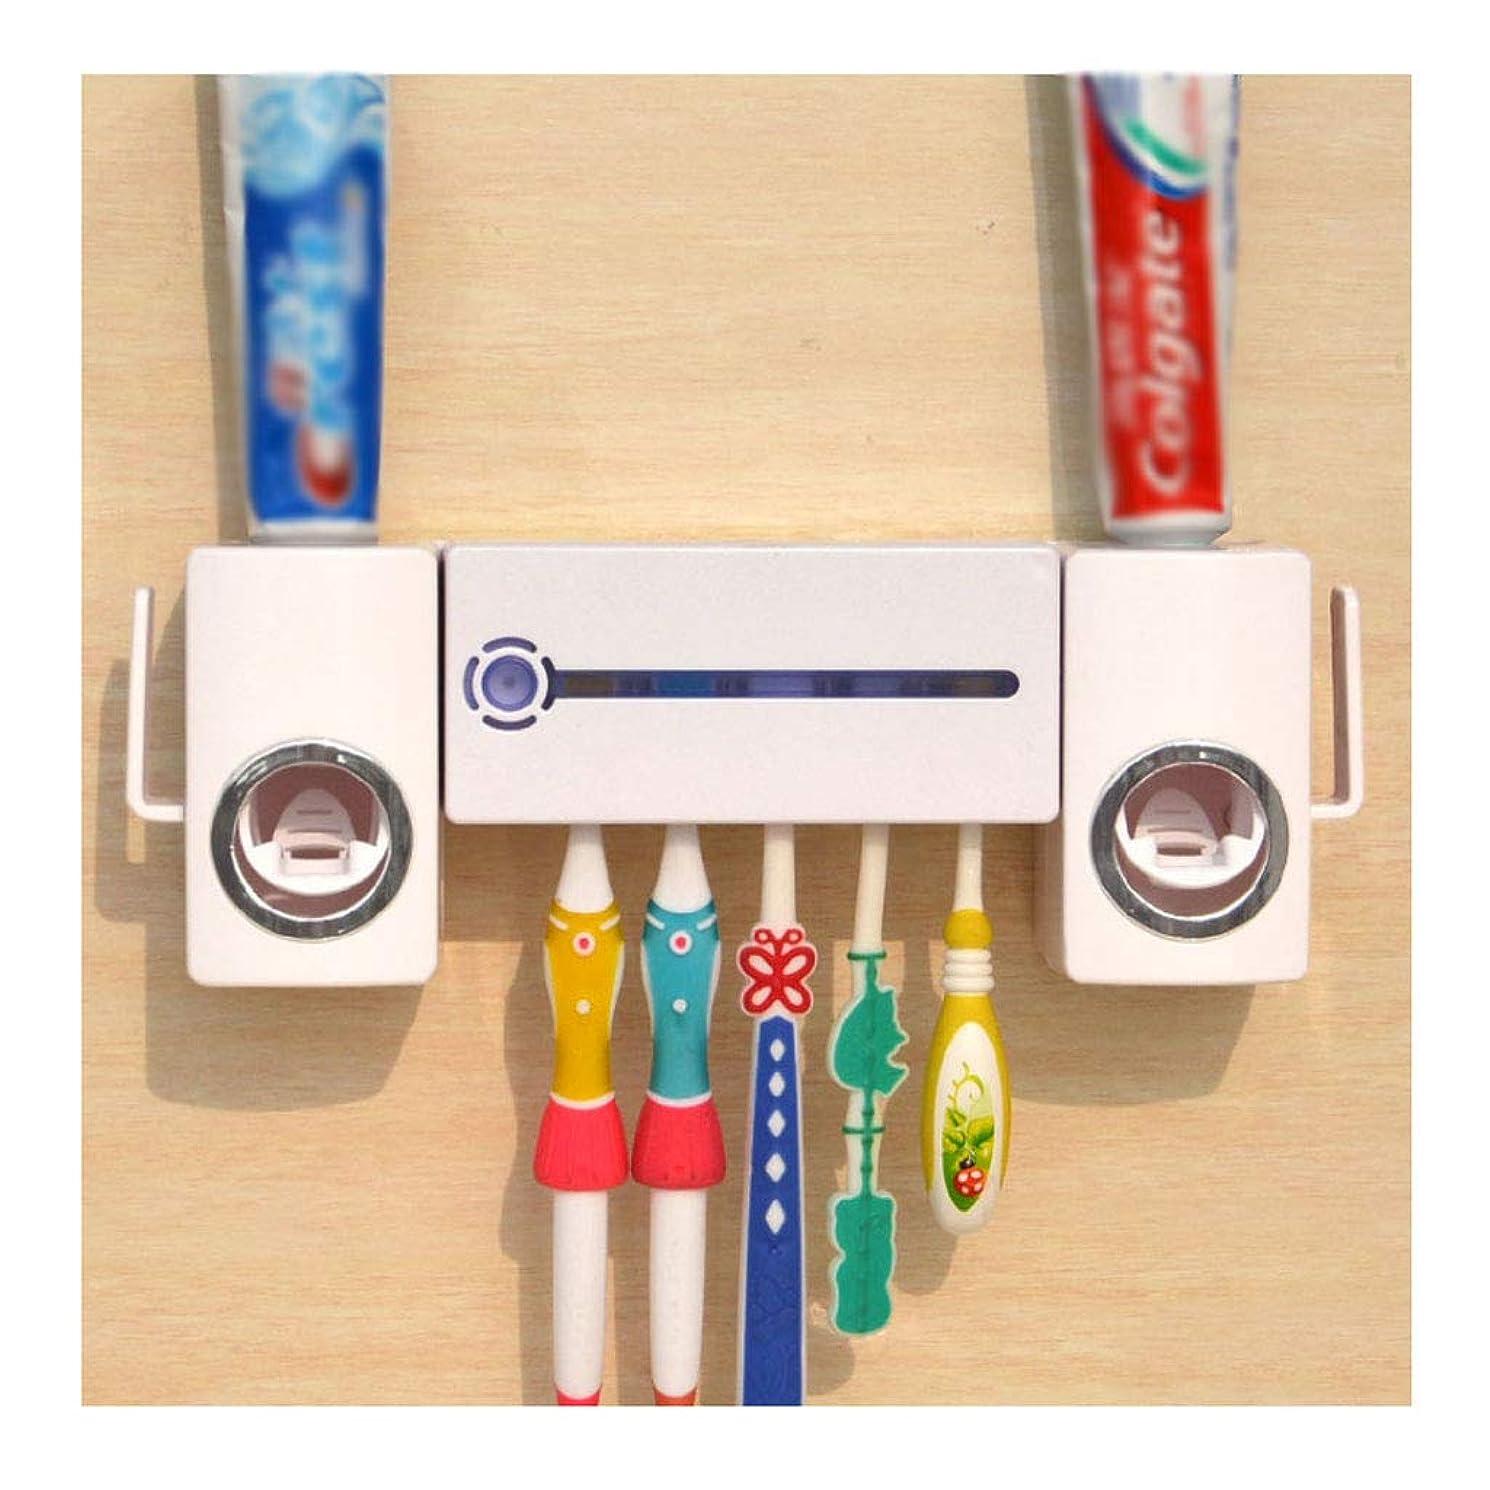 敬意ピース物理滅菌器, 歯ブラシホルダーウォールマウントされた歯磨き粉ディスペンサーテープを持つ電子UV歯ブラシ滅菌器殺す細菌女性のための細菌